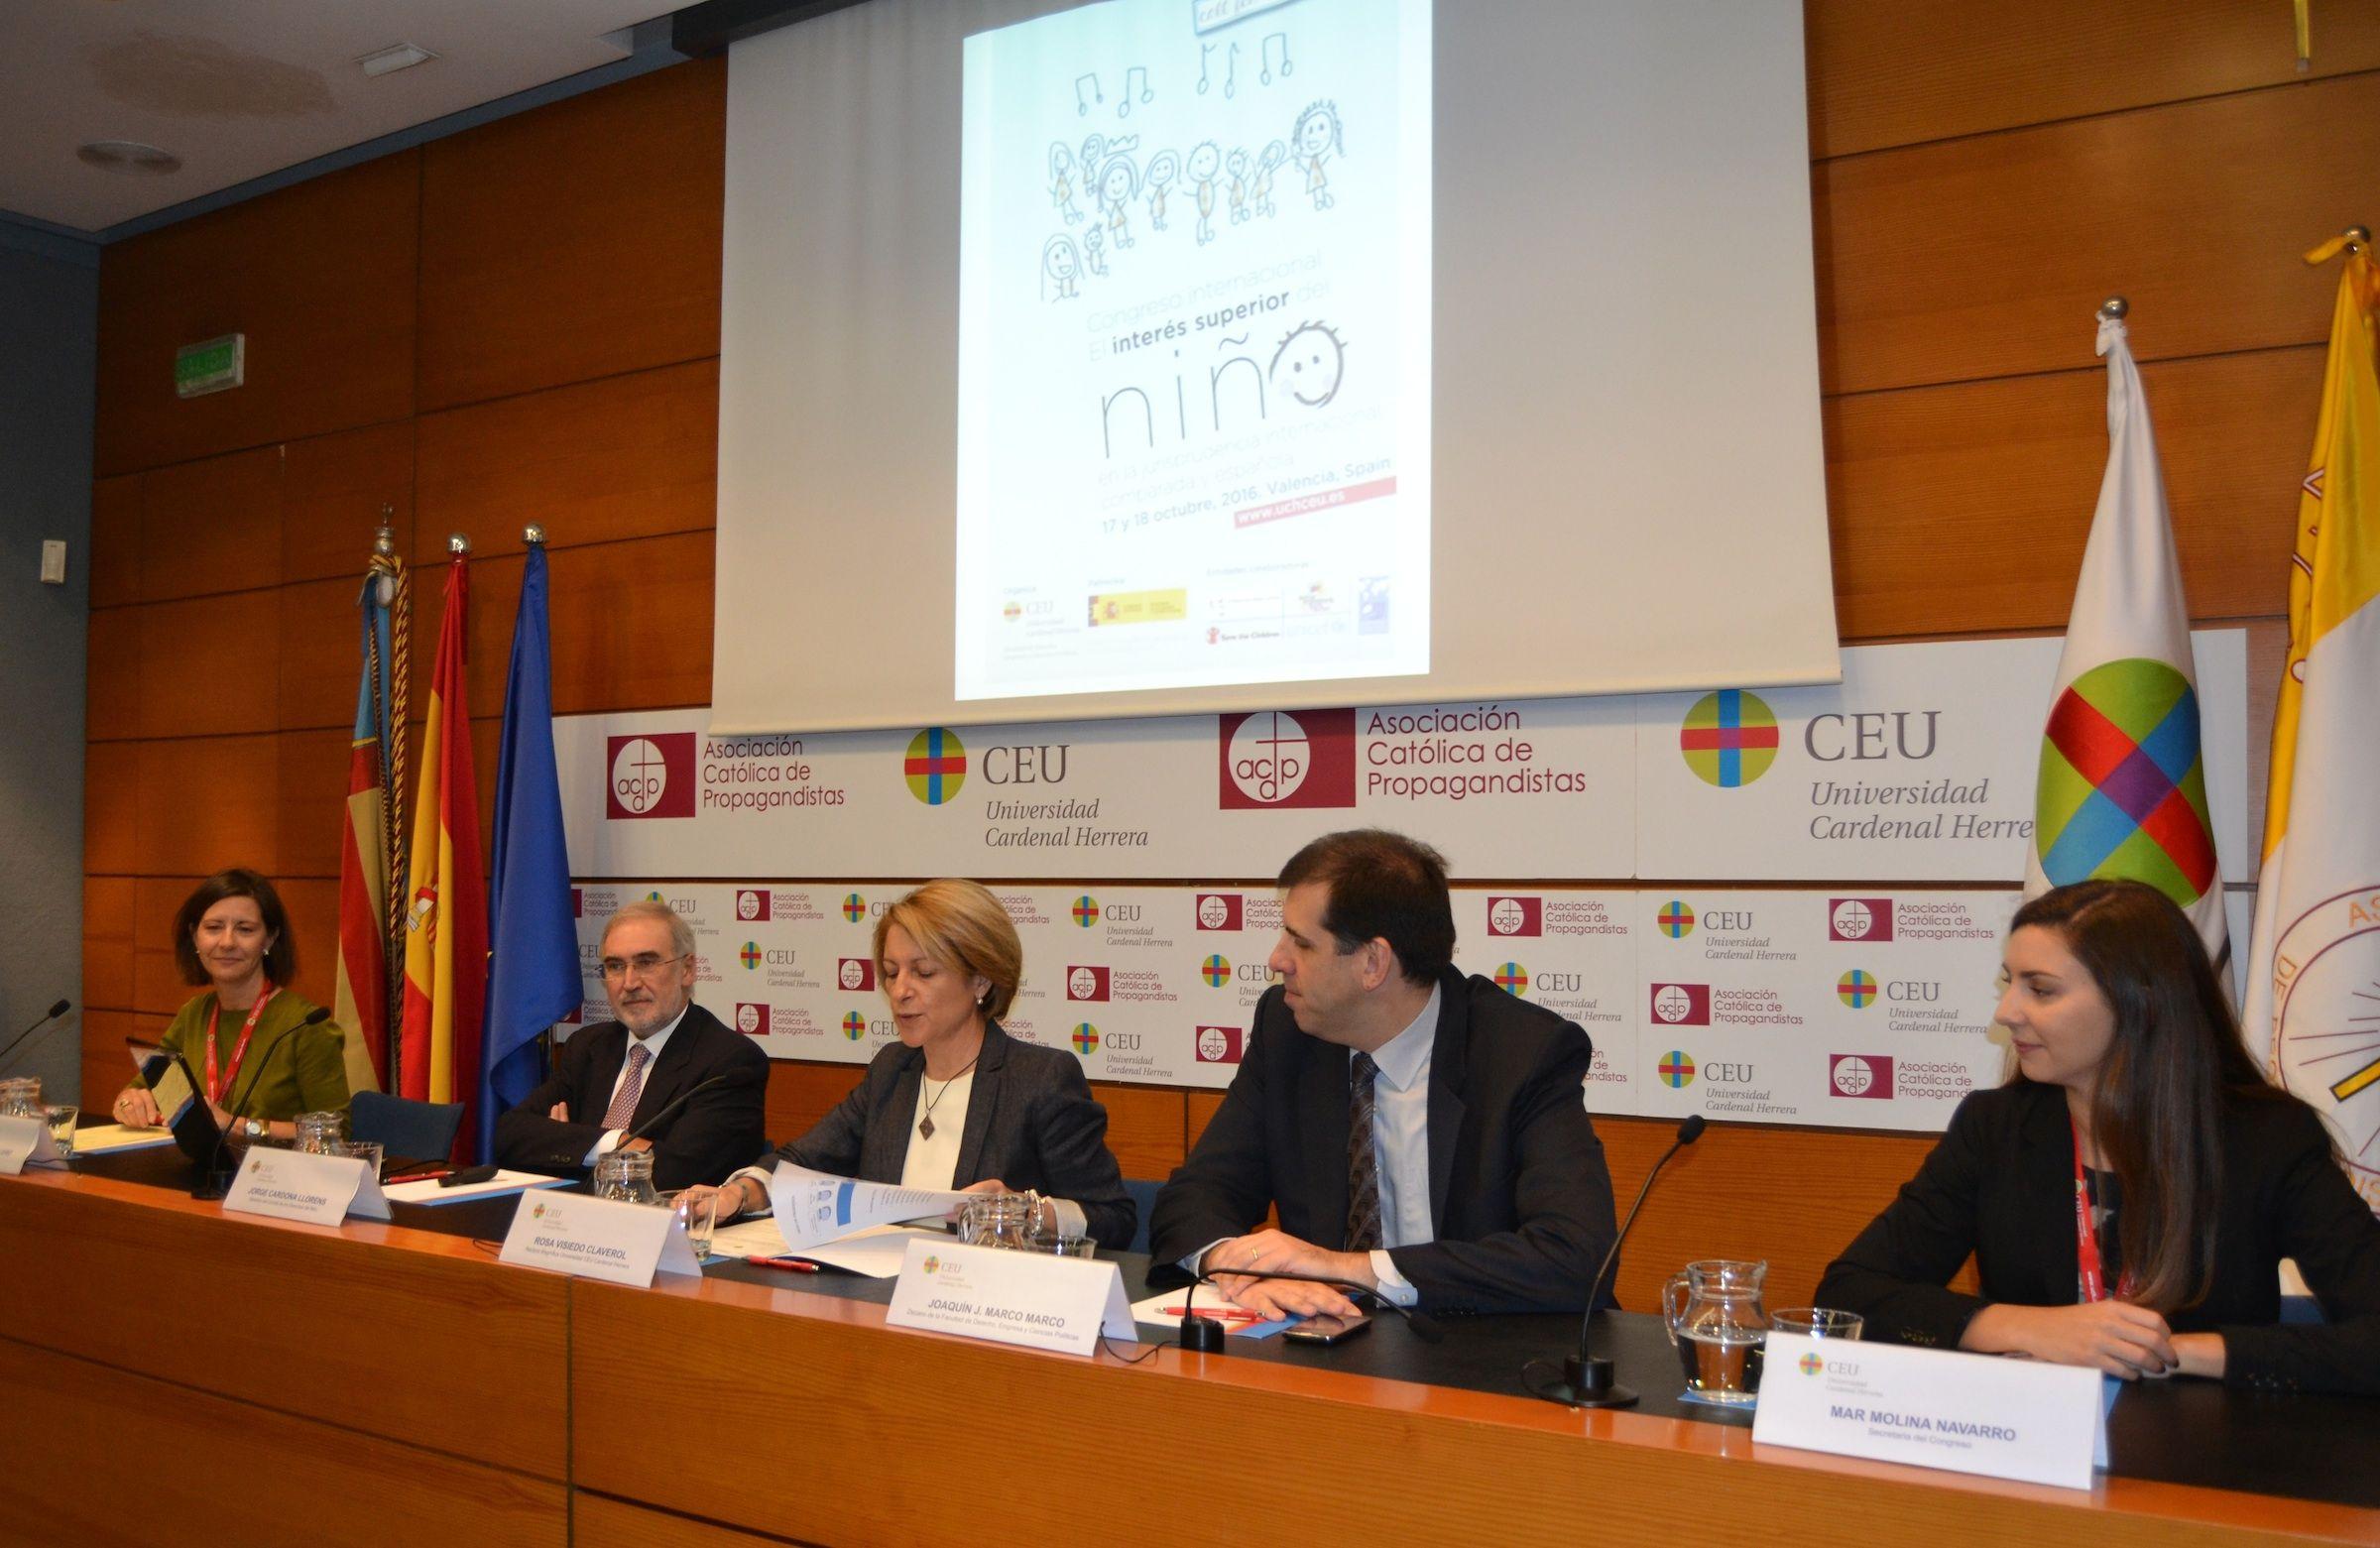 Susana Sanz, Jorge Cardona, Rosa Visiedo, Joaquín Marco y Mar Molina, en la inauguración del Congreso.